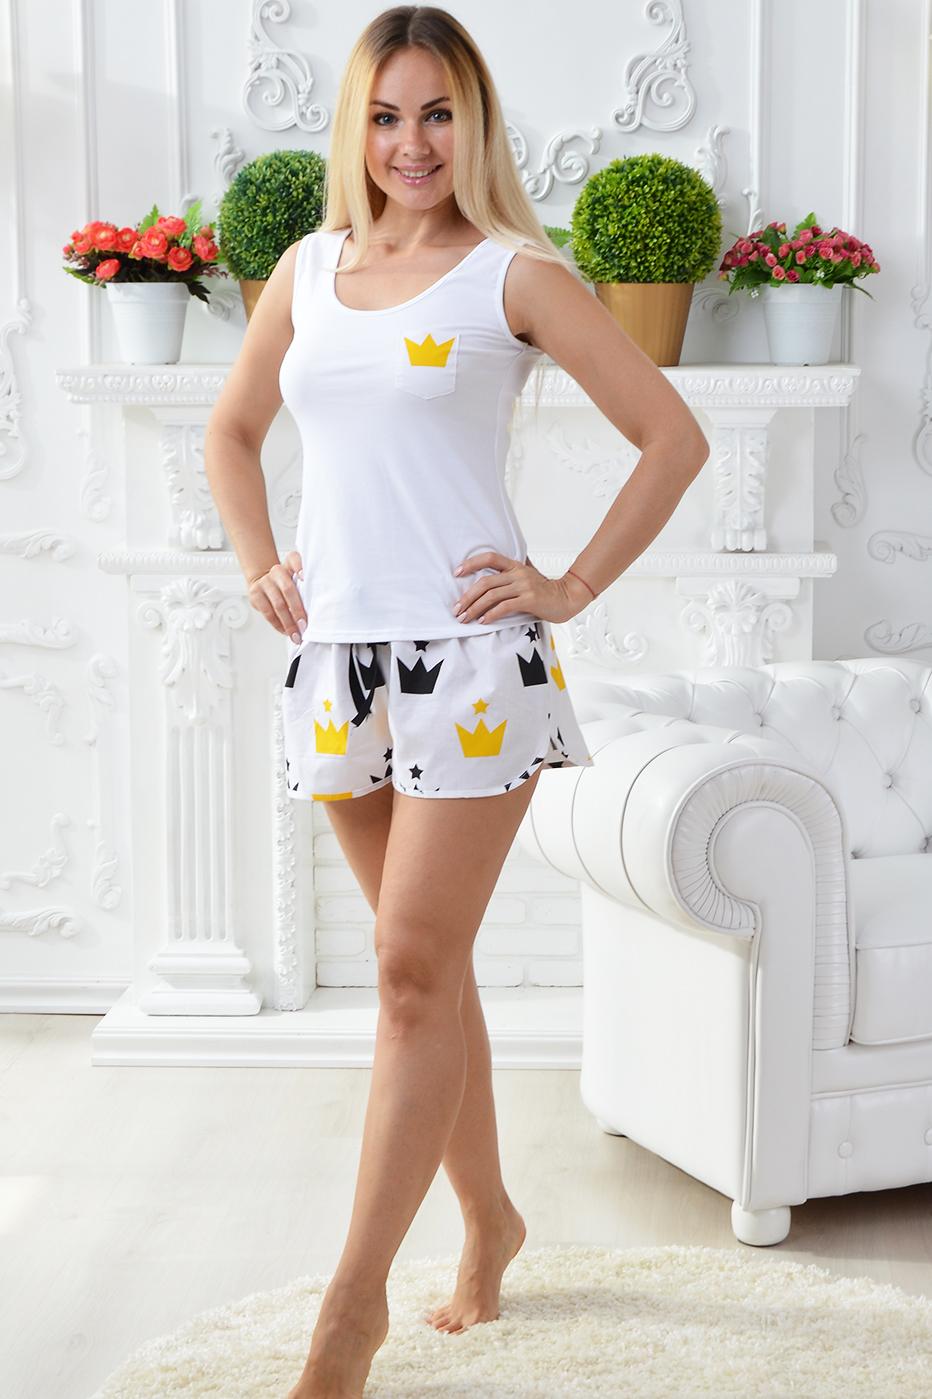 Хлопковая пижама П502 Короны - купить в интернет-магазине MiaNaGreen 99e25a4d43af2